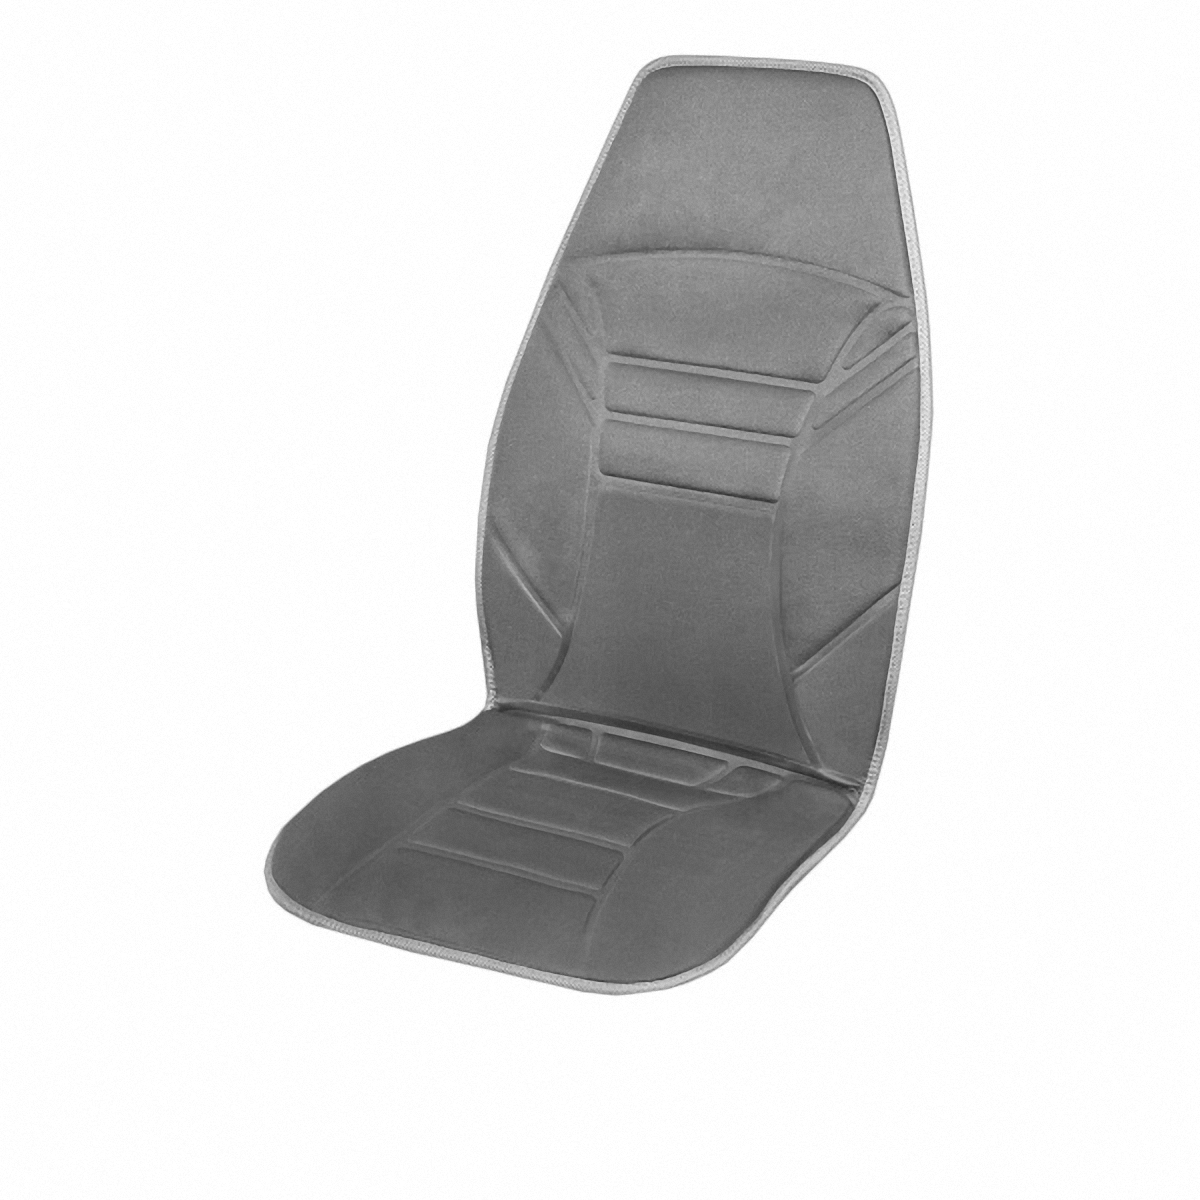 Чехол на сиденье Skyway, с подогревом, со спинкойS02201001Чехол на сиденье с поддогревом Skyway с терморегулятором (2 режима) 12V; 2,5А-3А. Подогрев сидения – это сезонный товар и большой популярностью пользуется в осенне-зимний период. ТМ SKYWAY предлагает наружные подогревы сидений, изготовленные в виде накидки на автомобильное кресло. Преимущество наружных подогревов в простоте установки. Они крепятся ремнями к креслу автомобиля и подключаются к бортовой сети через гнездо прикуривателя.